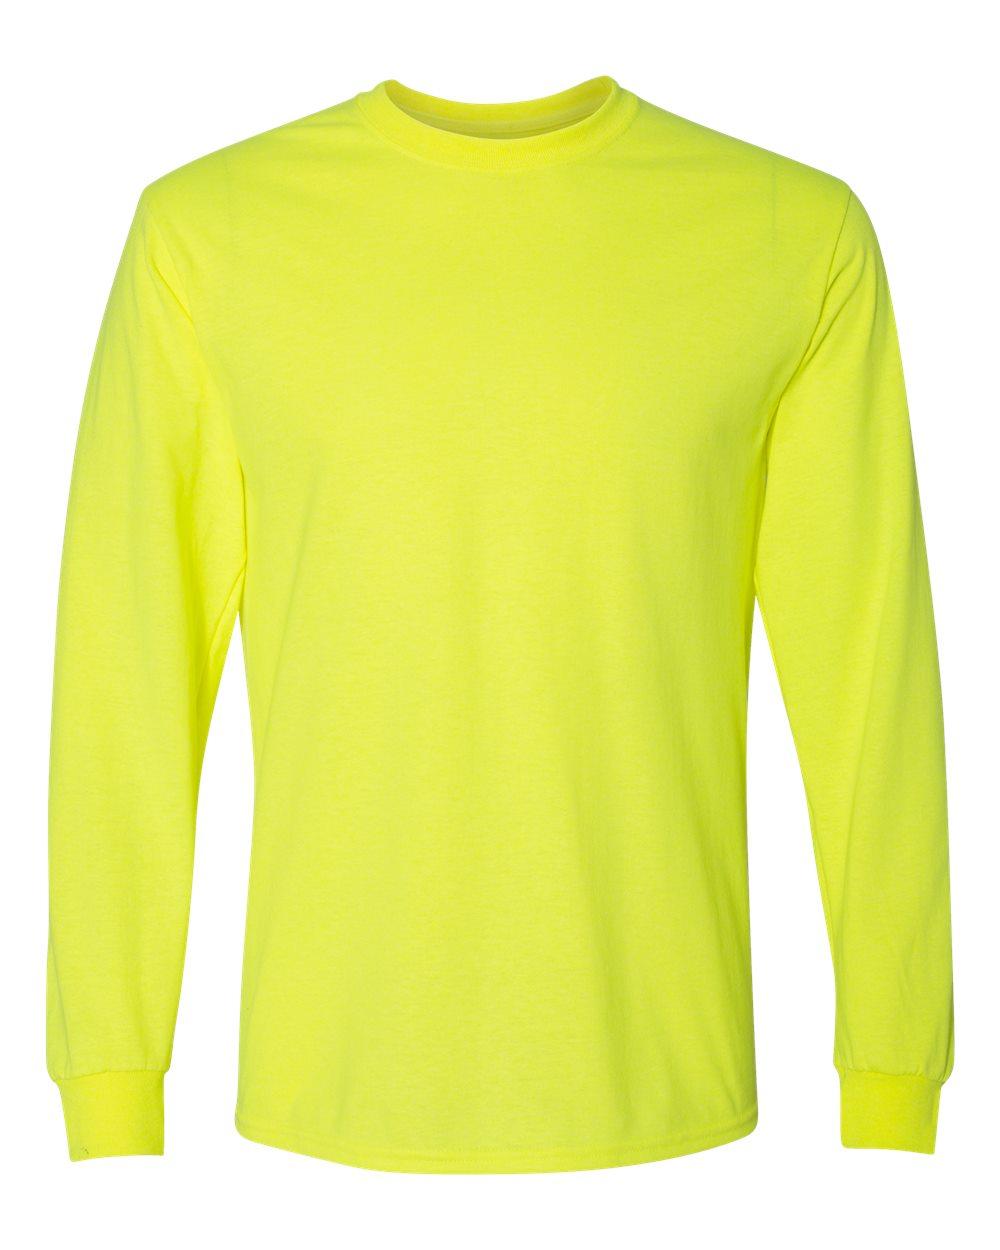 Gildan-Mens-Blank-DryBlend-50-50-Cotton-Long-Sleeve-T-Shirt-8400-up-to-3XL miniature 39